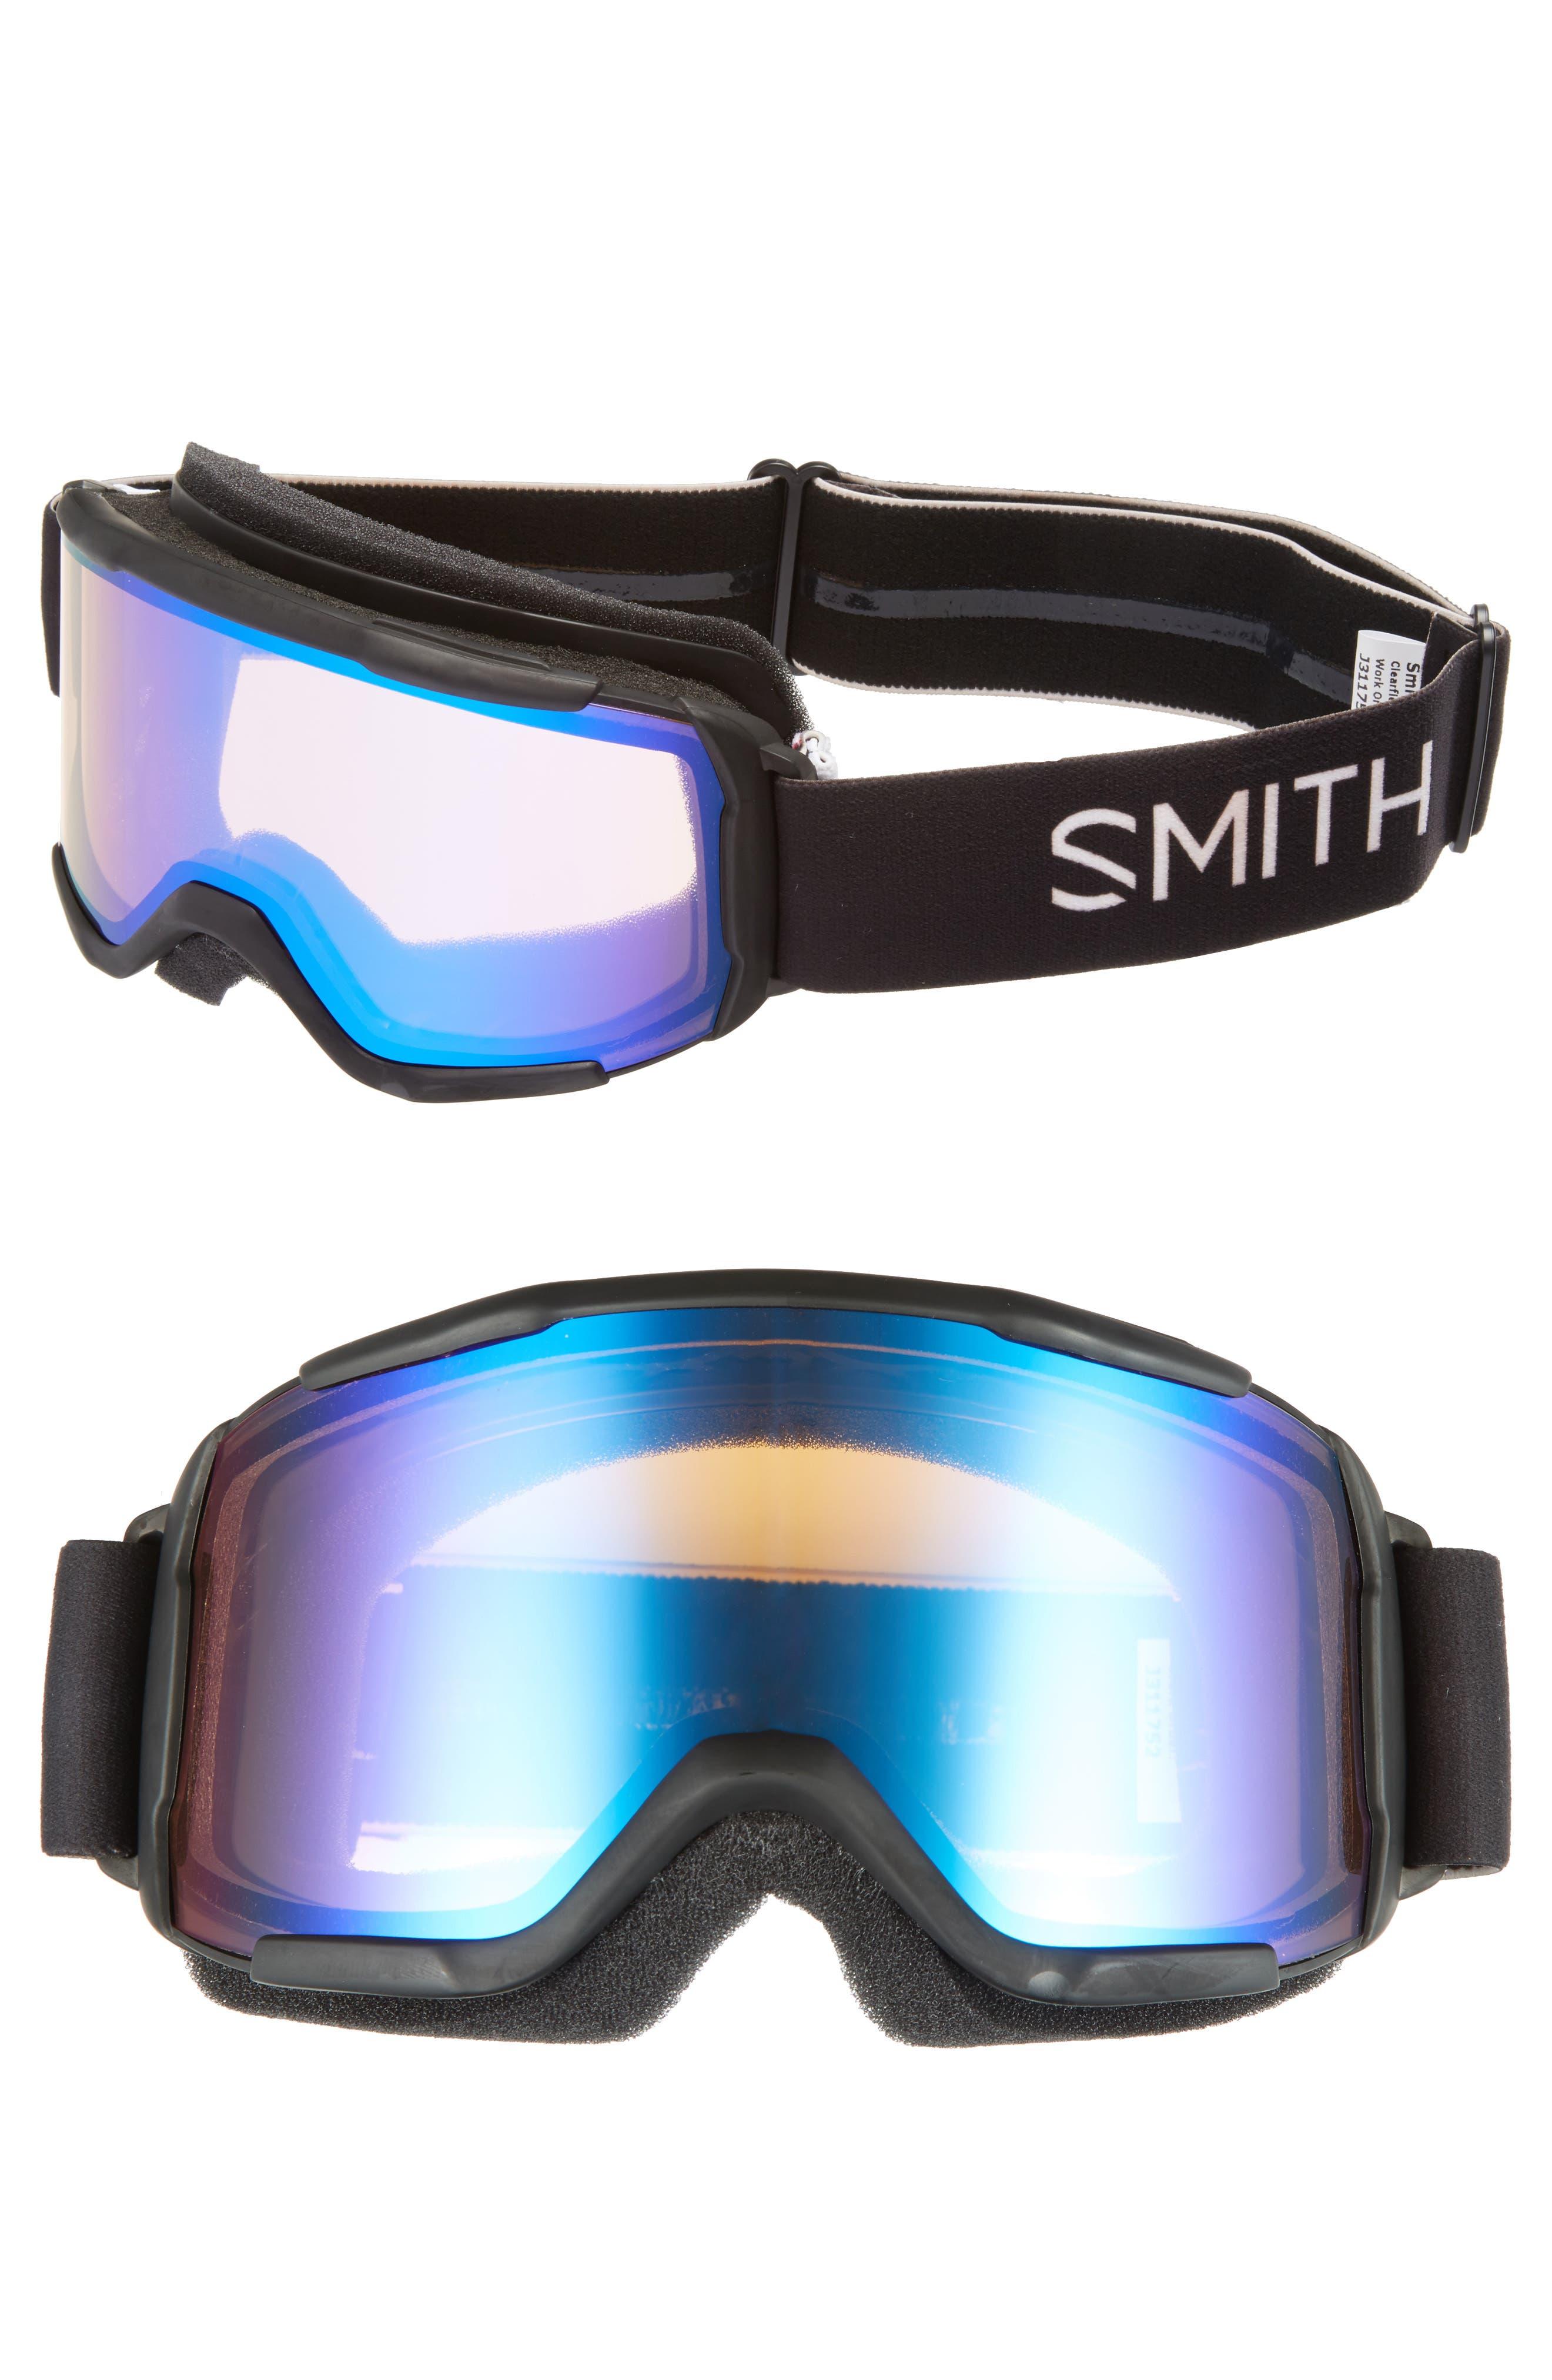 SMITH Daredevil 175mm Snow Goggles, Main, color, 001